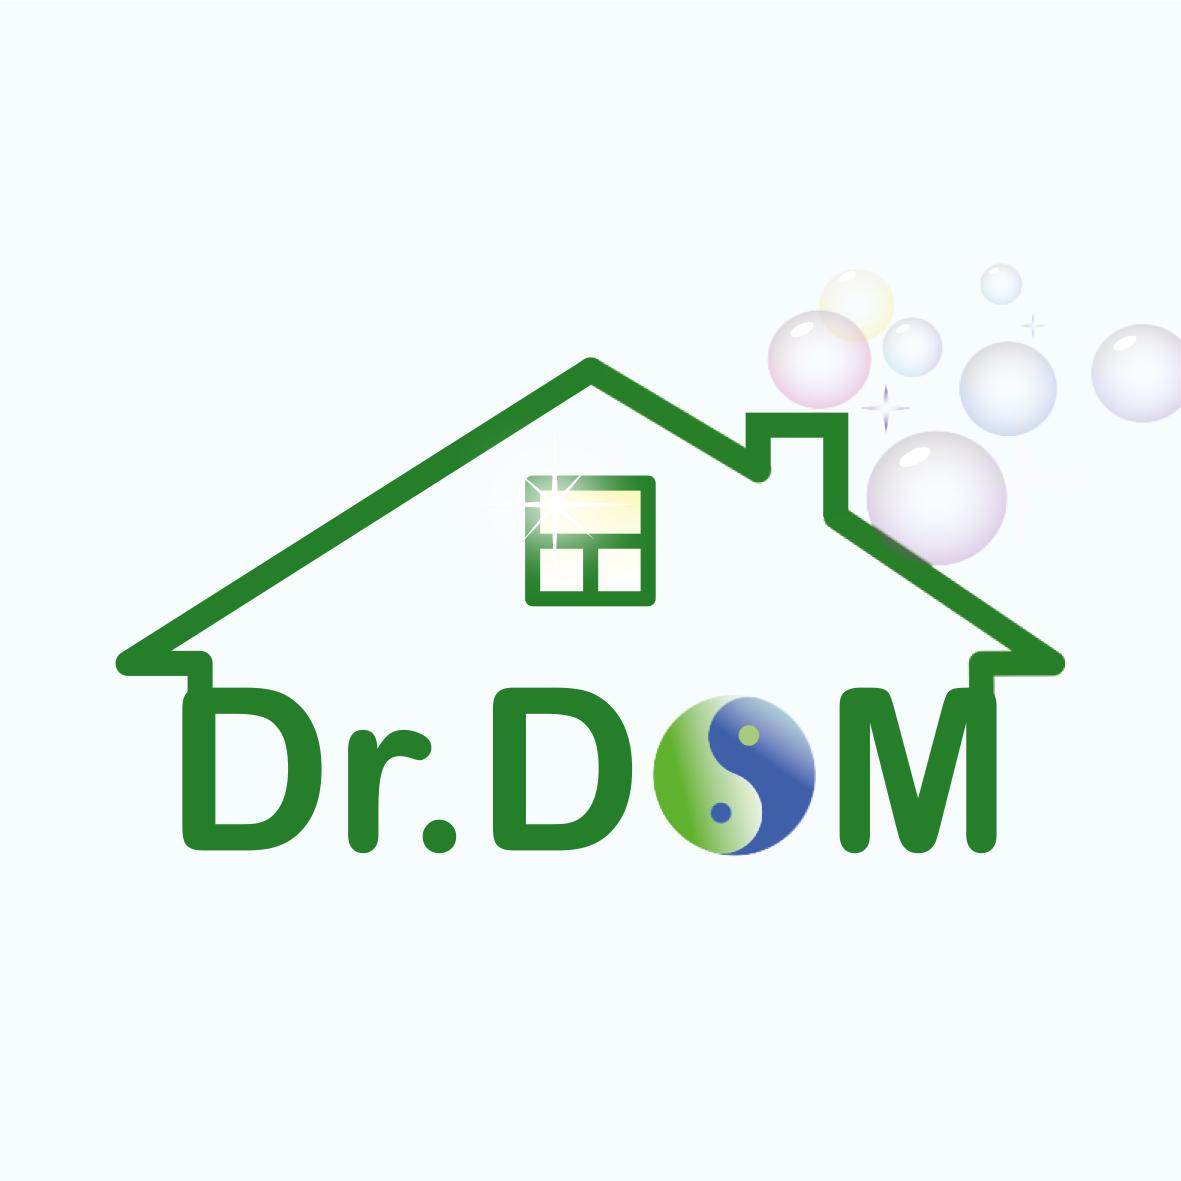 Разработать логотип для сети магазинов бытовой химии и товаров для уборки фото f_0625ffff3f265bbc.png